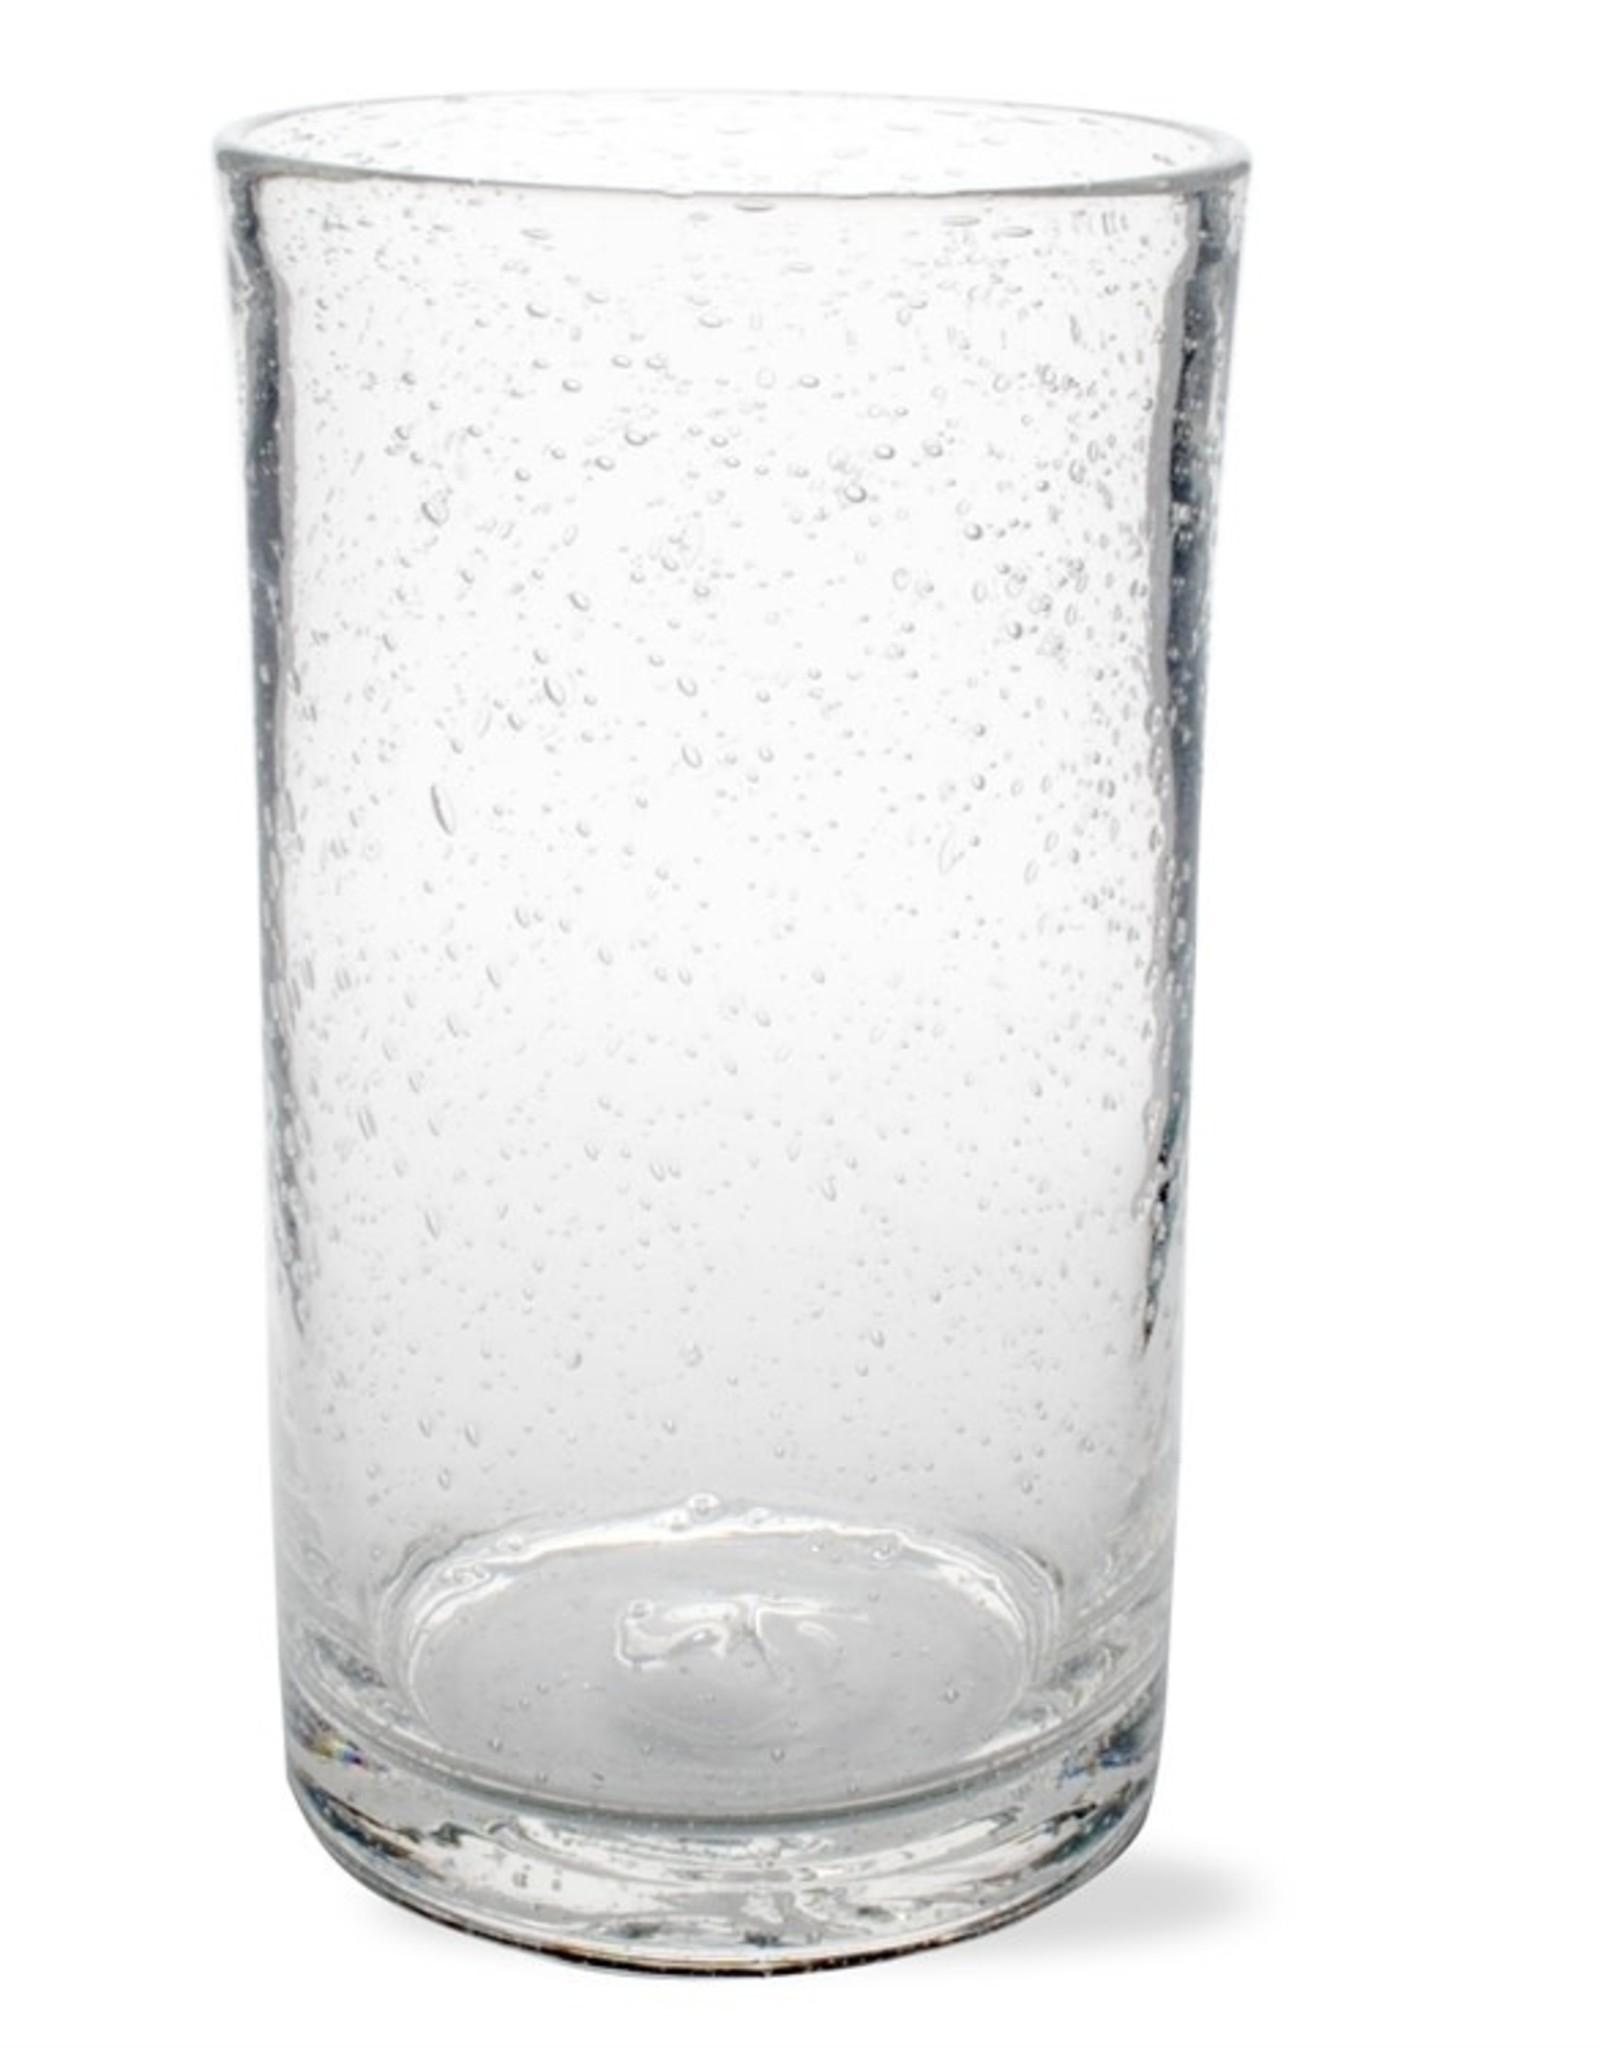 Bubble Glassware - Tumbler Glass